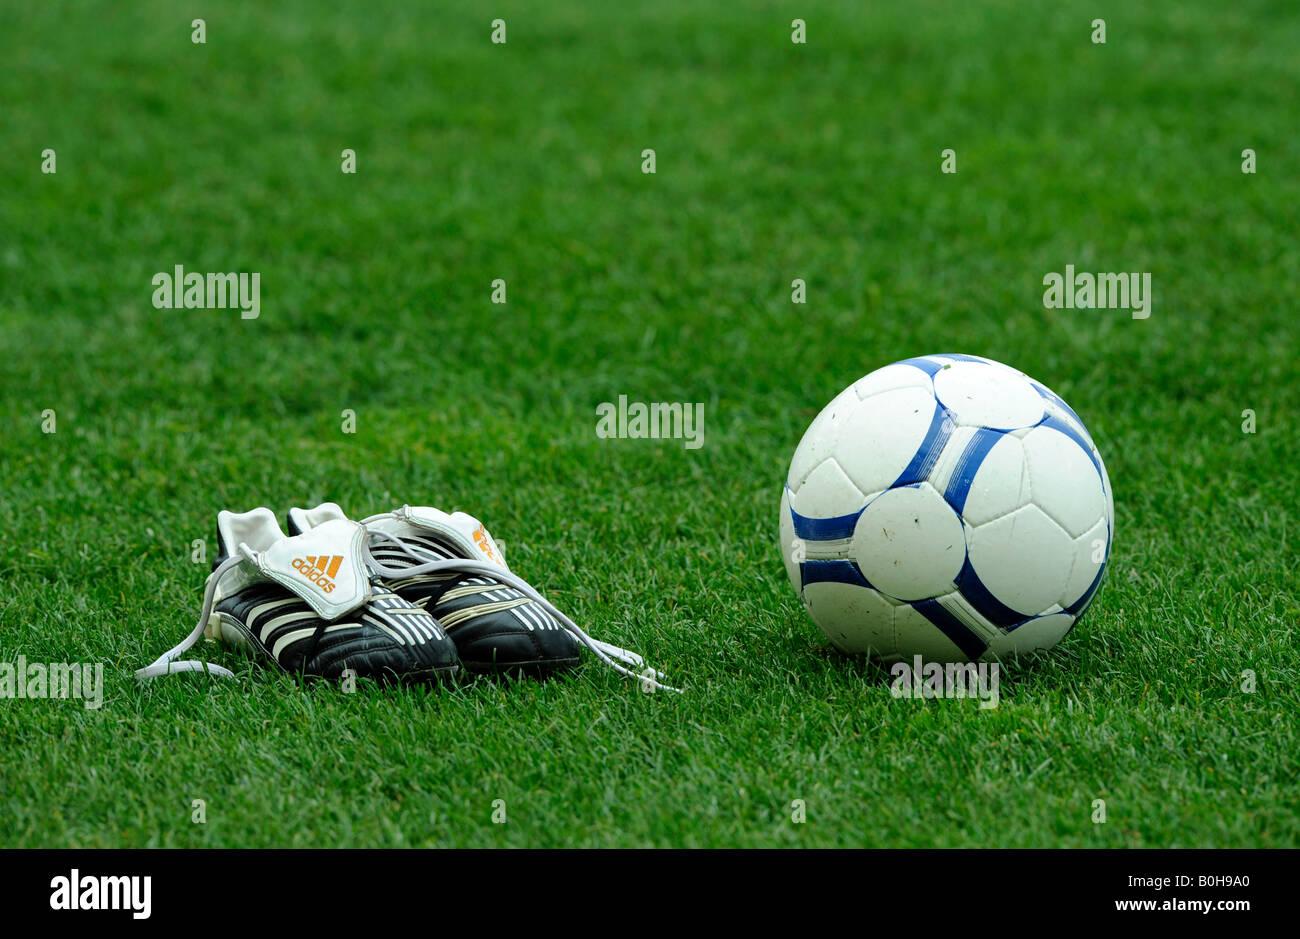 oben Fußballschuhe und einen Fußball auf dem Rasen Stockfoto  großer Rabatt